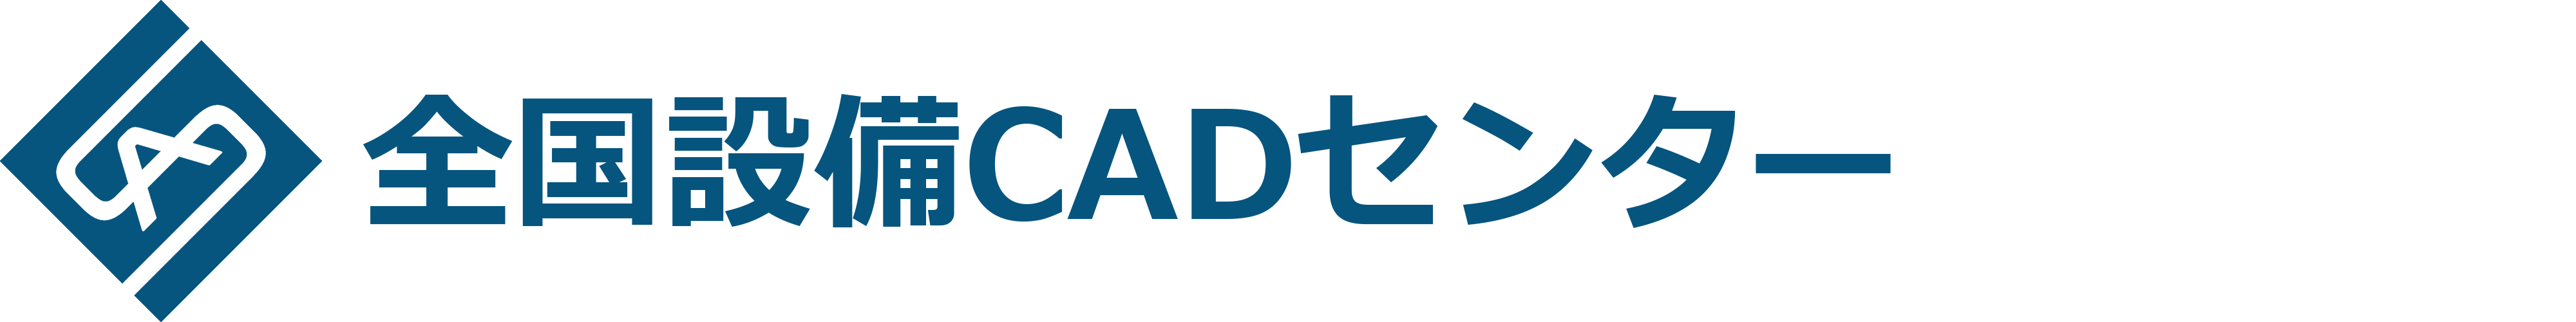 株式会社全国設備CADセンター|設備設計/設計アウトソーシング/建築確認申請図面/給排水図面/図面代行/トレース